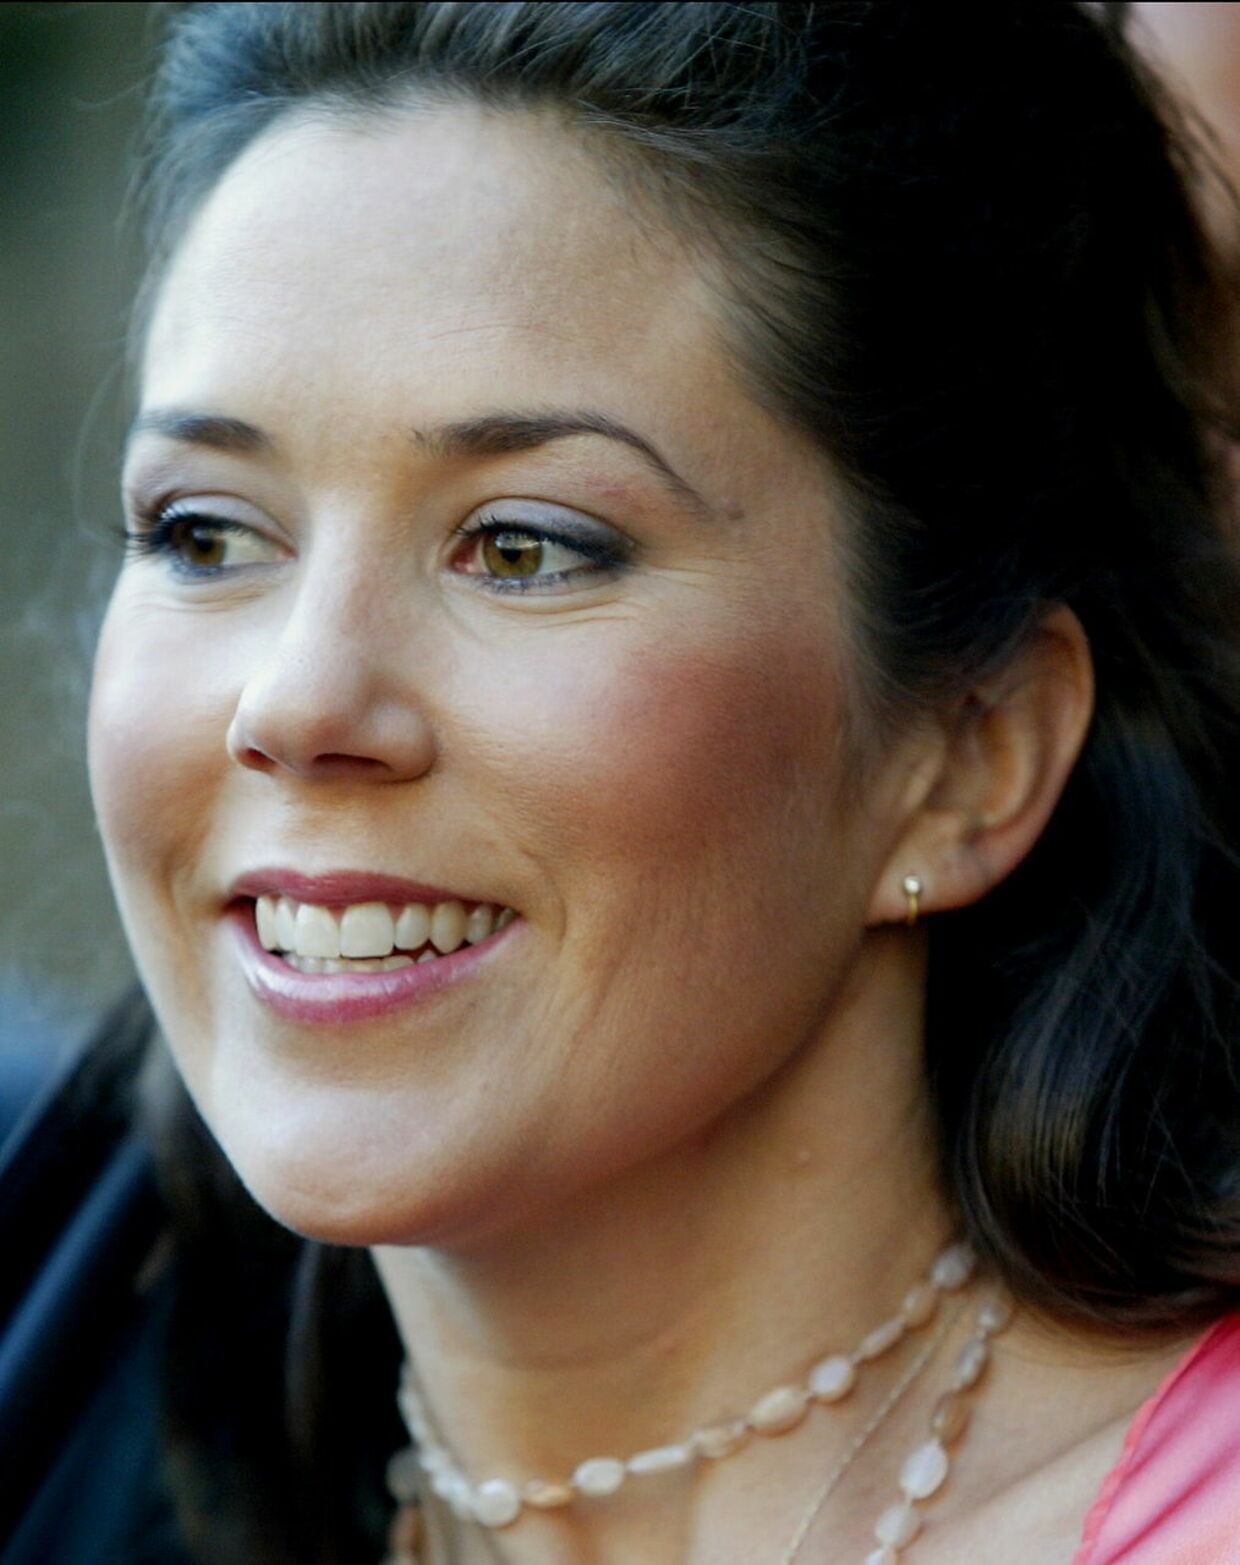 Sådan så hun ud, da hun i sommeren 2002 stadig hed Mary Donaldson og skulle til bryllup i Frederiksborg Slotskirke.